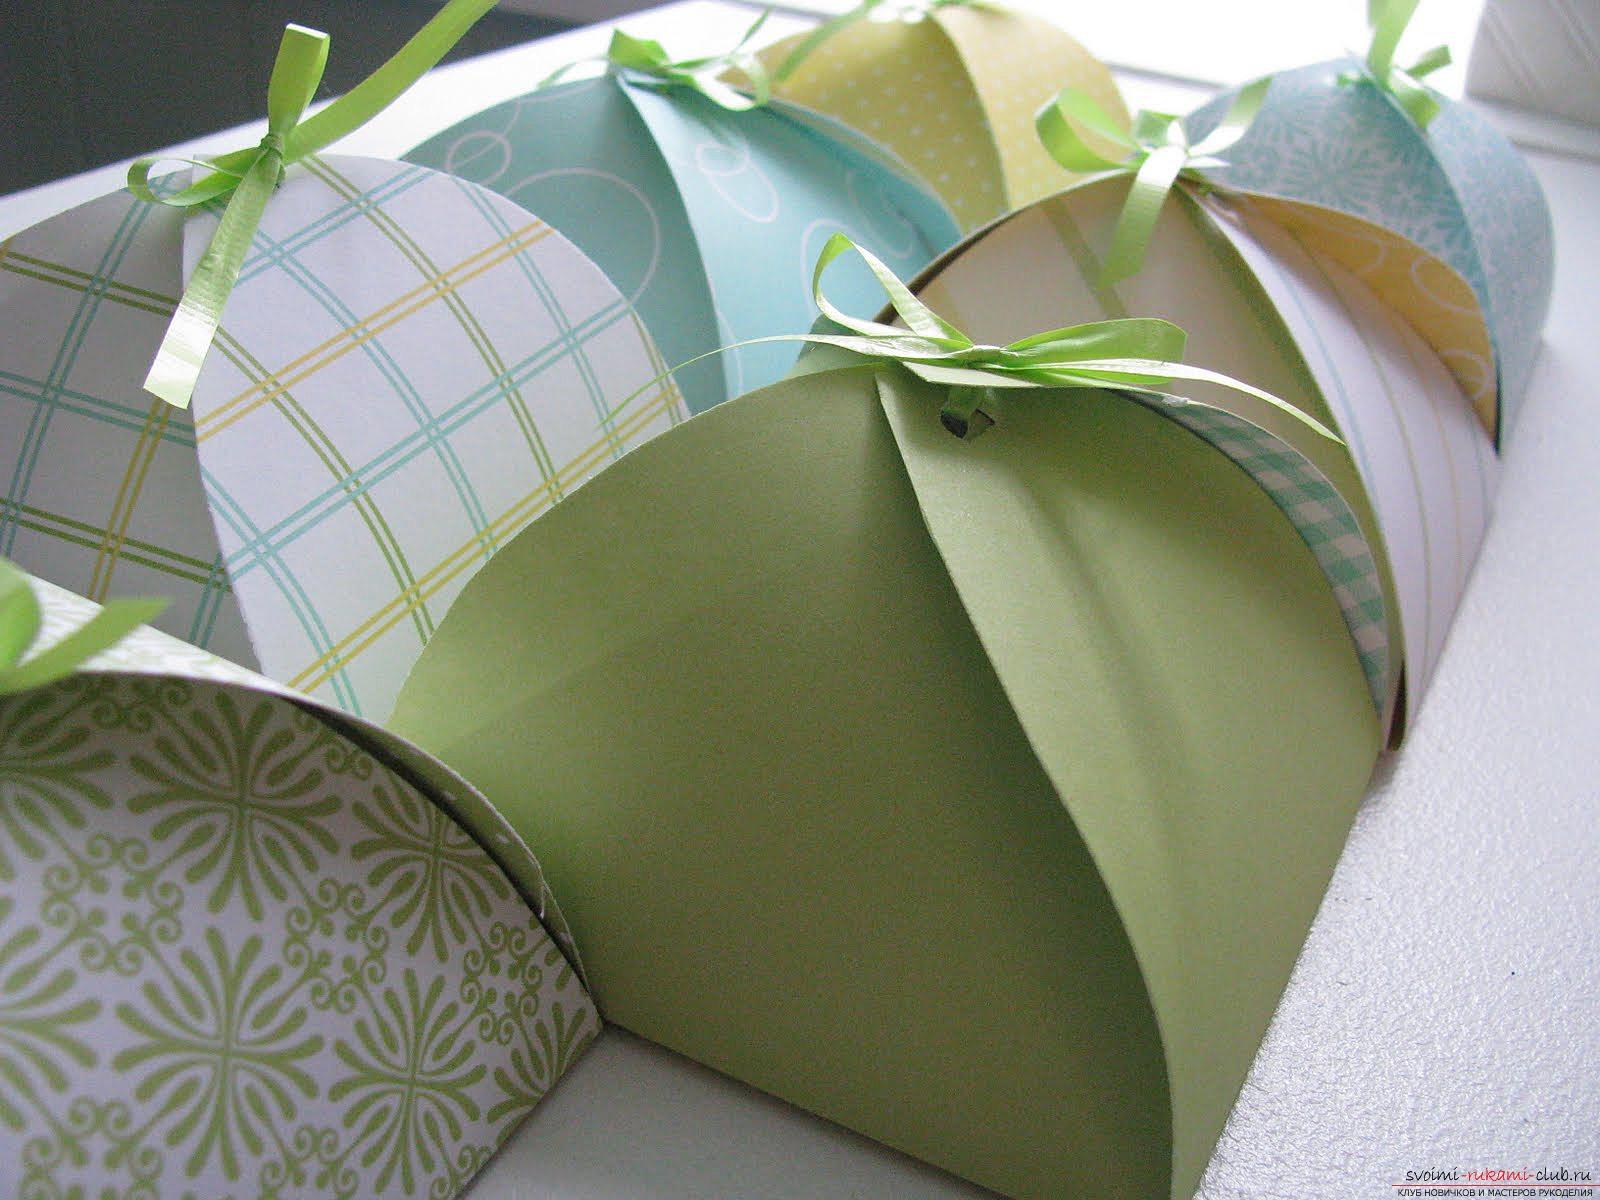 Сделать свою коробочку-оригами.</p> </div> <p> Фото для создания красивых оригами-коробочек.. Фото №1″ width=»600″/> </p> <p><strong>Для получателя подарка вдвойне приятнее</strong> полчить его, зная о том, что вы самостоятельно оформляли вашу упаковку.</p> <p> Более того, любую подарочную упаковку можно оформить в соответствии с необходимым праздником, что в разы упрощает задачу для любого, кто хочет удивить своего близкого.</p> <p>Техники оригами и современная работа поделок с бумагой позволяет нам получить результат в самых неожиданных задачах.</p> <p> В том числе и для того, чтобы оформить действительно <strong>уникальную и красивую подарочную упаковку</strong> для своего друга, любимого человека или родных, близких вам людей.</p> <p>Вы сможете найти большое количество схем в сети и распечатать их, создавая элементы для собственного дизайна своими руками.</p> <p> Большое количество материалов на данную тематику помогут вам ориентироваться и получать необходимый результат, который значительно облегчит ваши усилия и сделает всё гораздо более простым.</p> <p><div style=